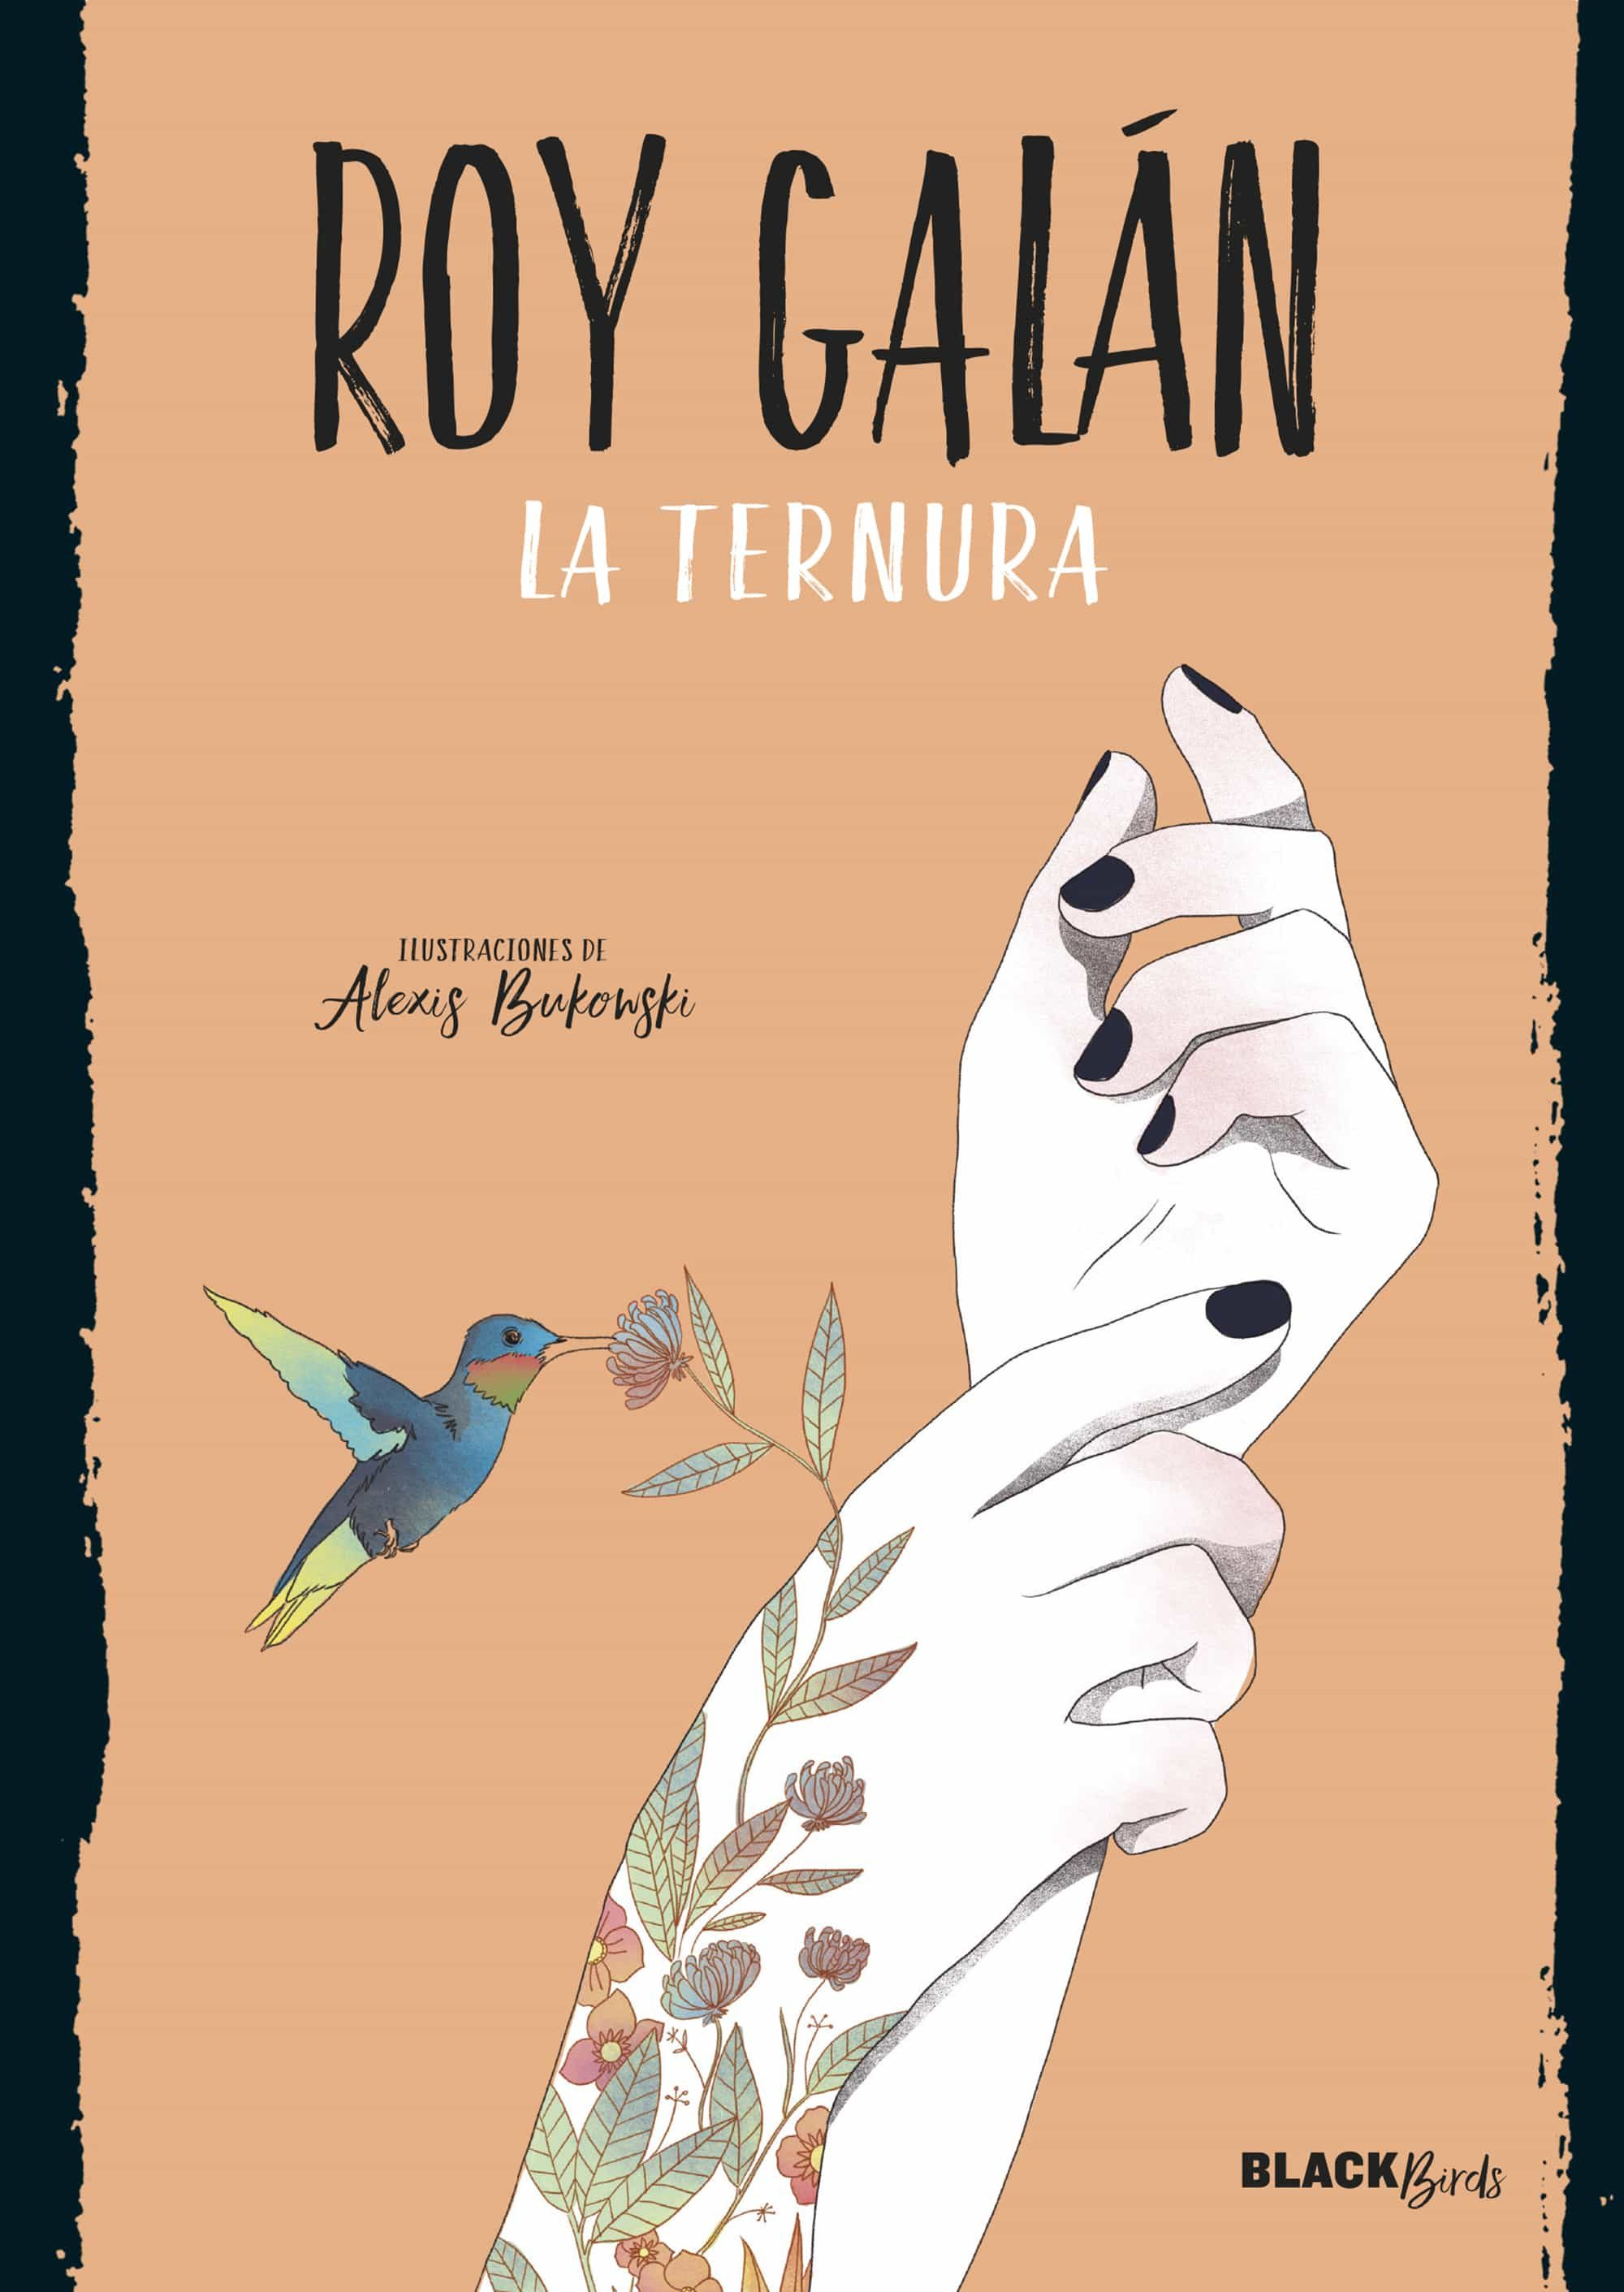 La Ternura por Roy Galan